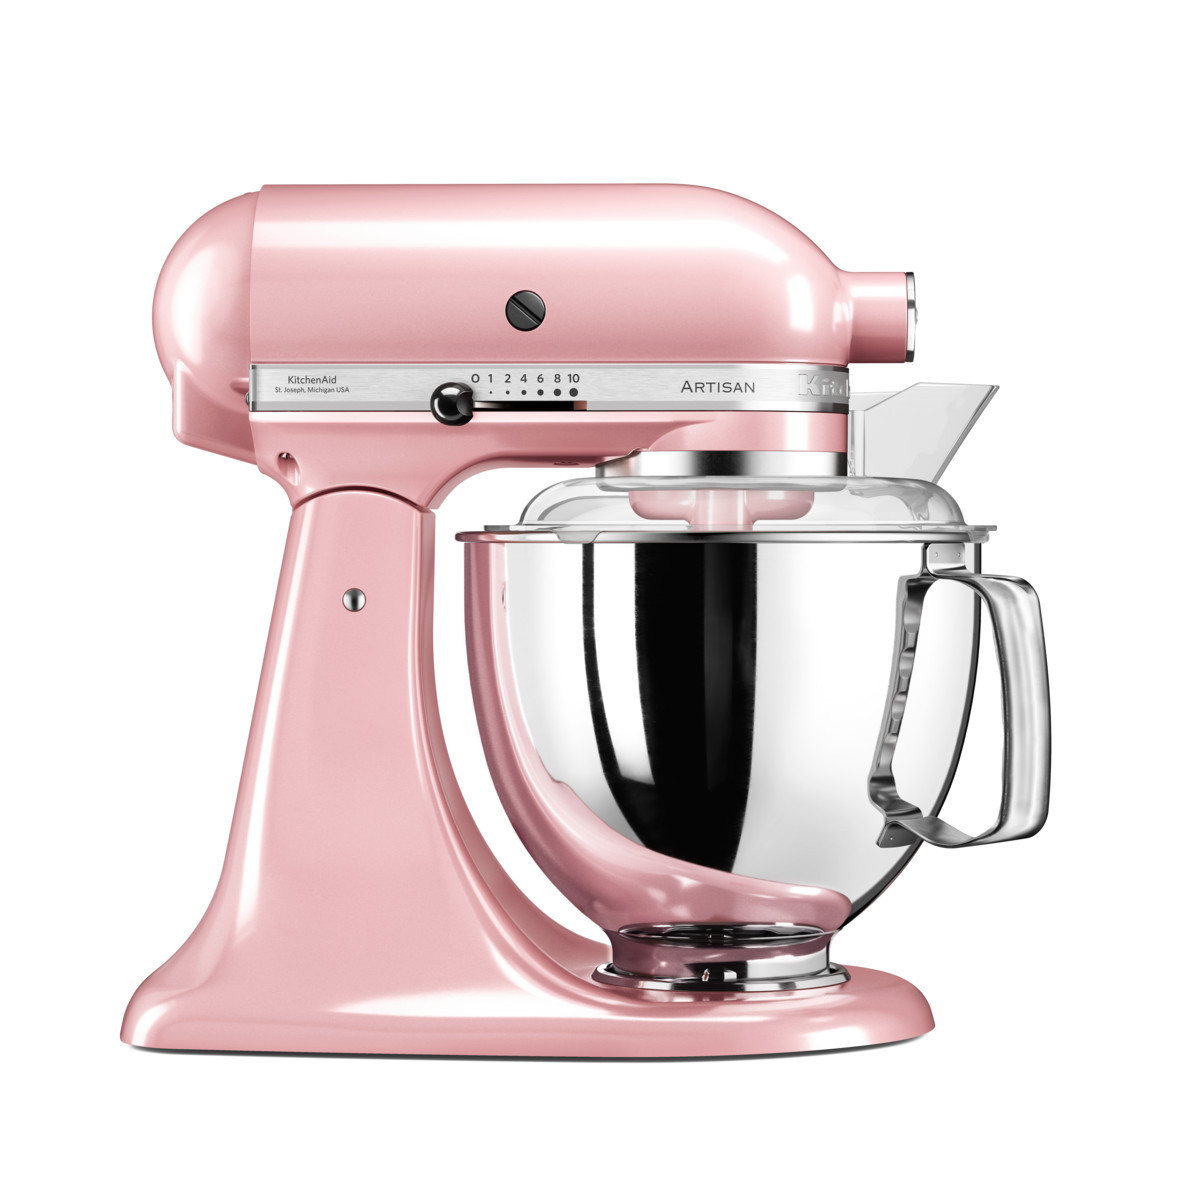 KitchenAid Küchenmaschine 175PS seidenpink/rosa beim Fachhändler in Rostock